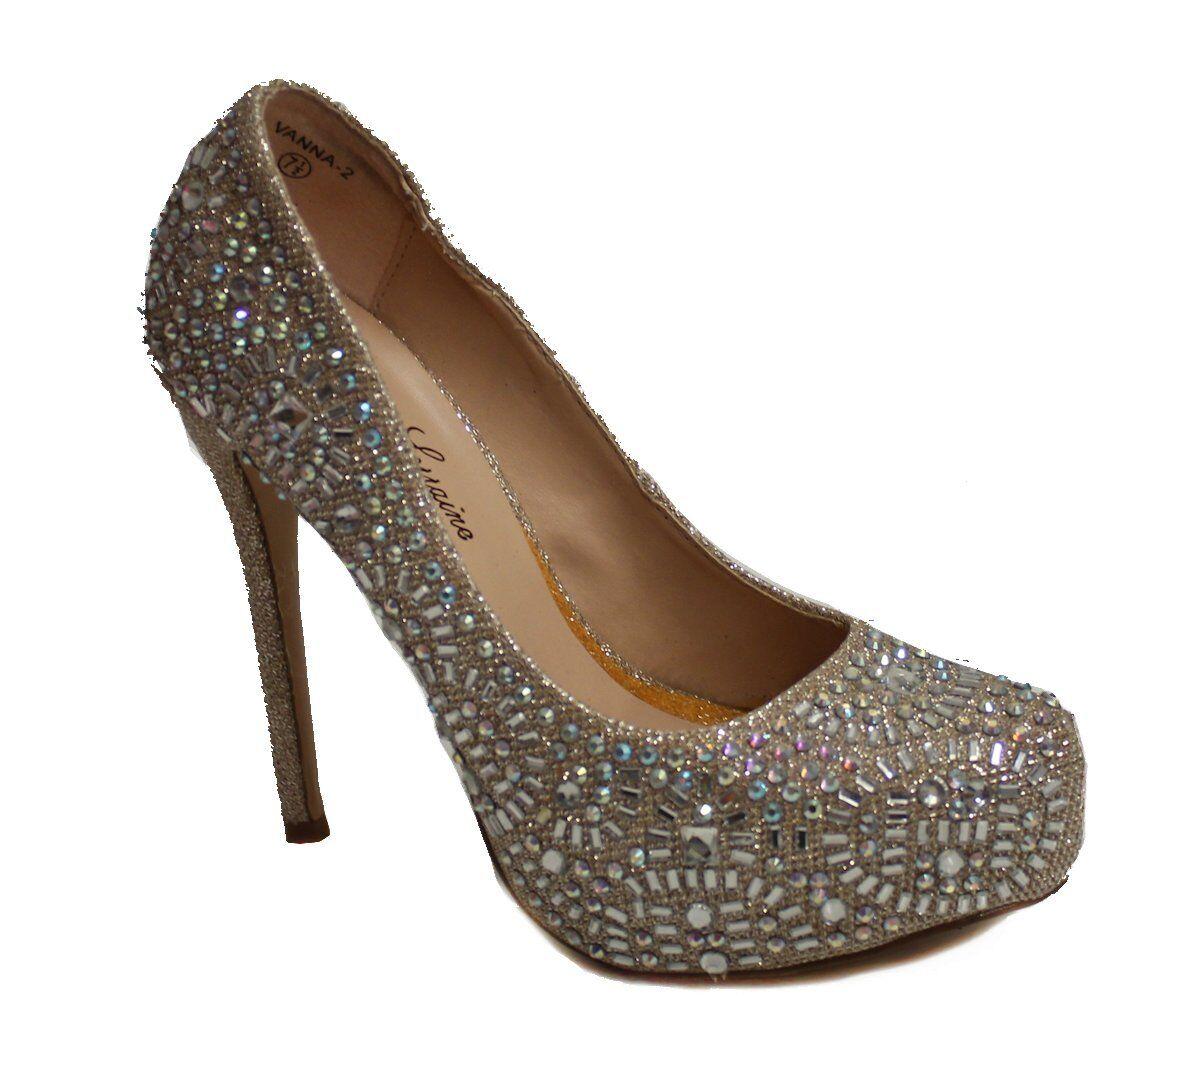 Lauren Lorraine Women's Vanna 2 Heel US 7.5 Champagne NOB